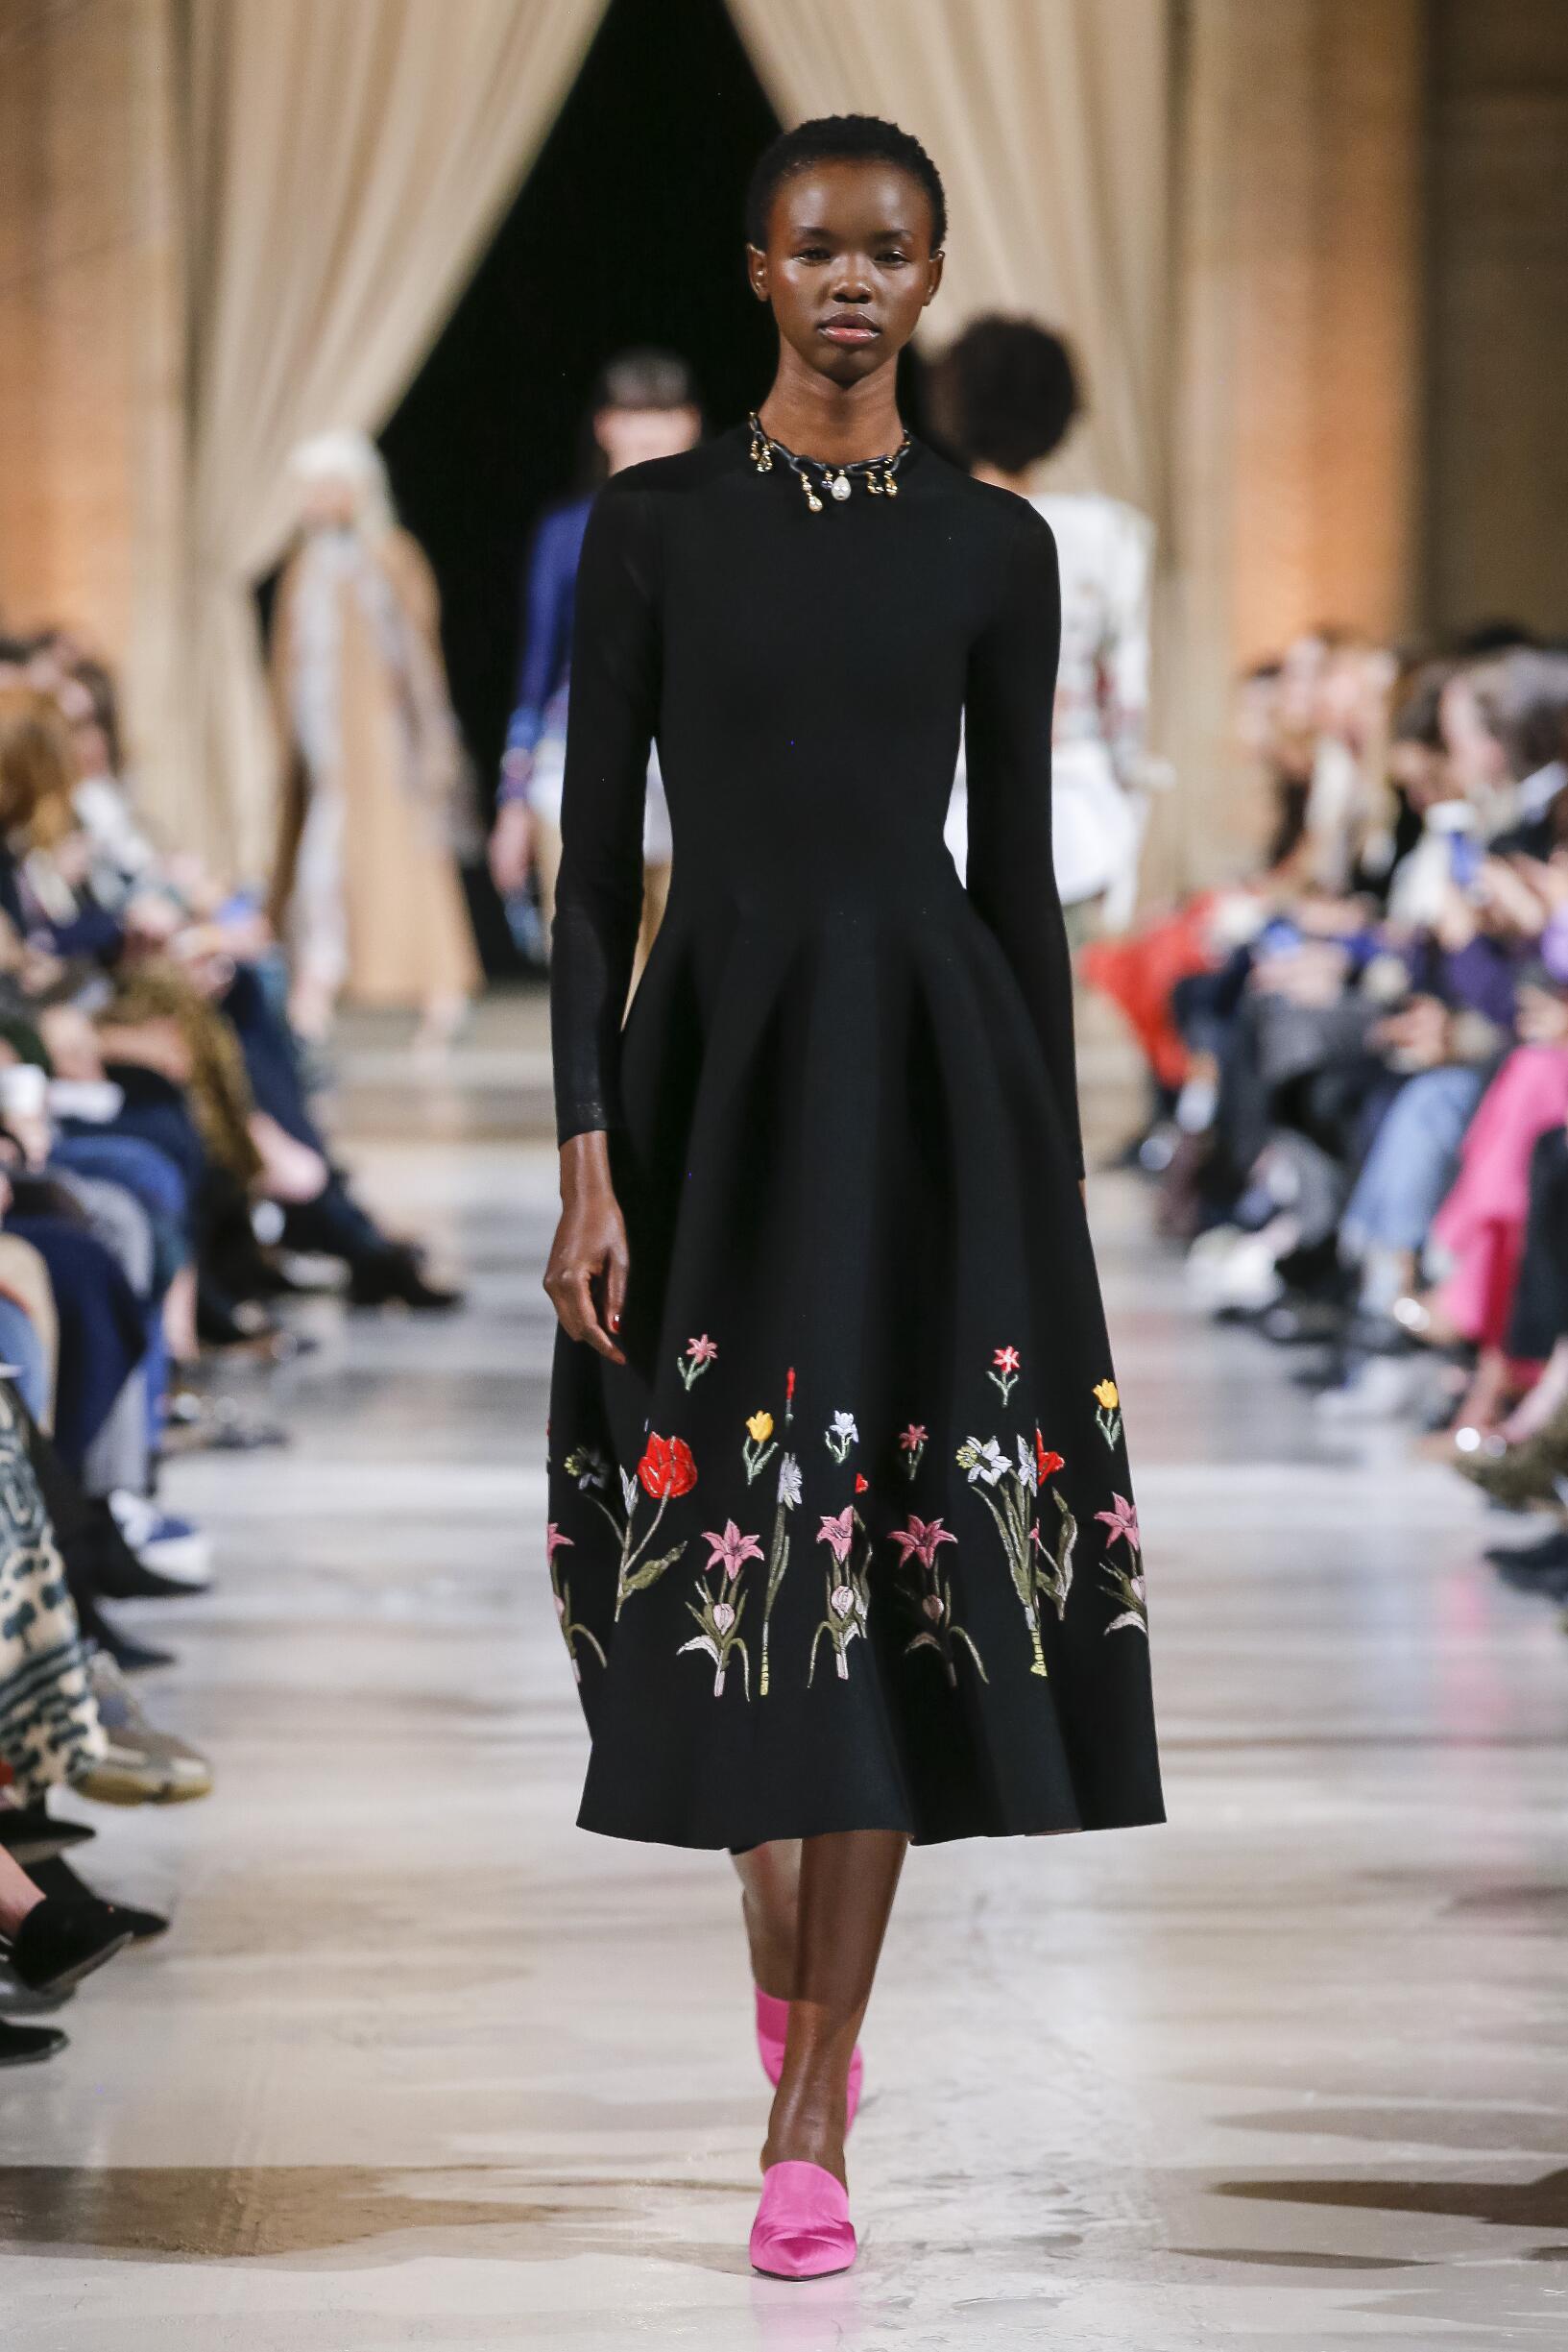 Oscar de la Renta FW 2018 Womenswear